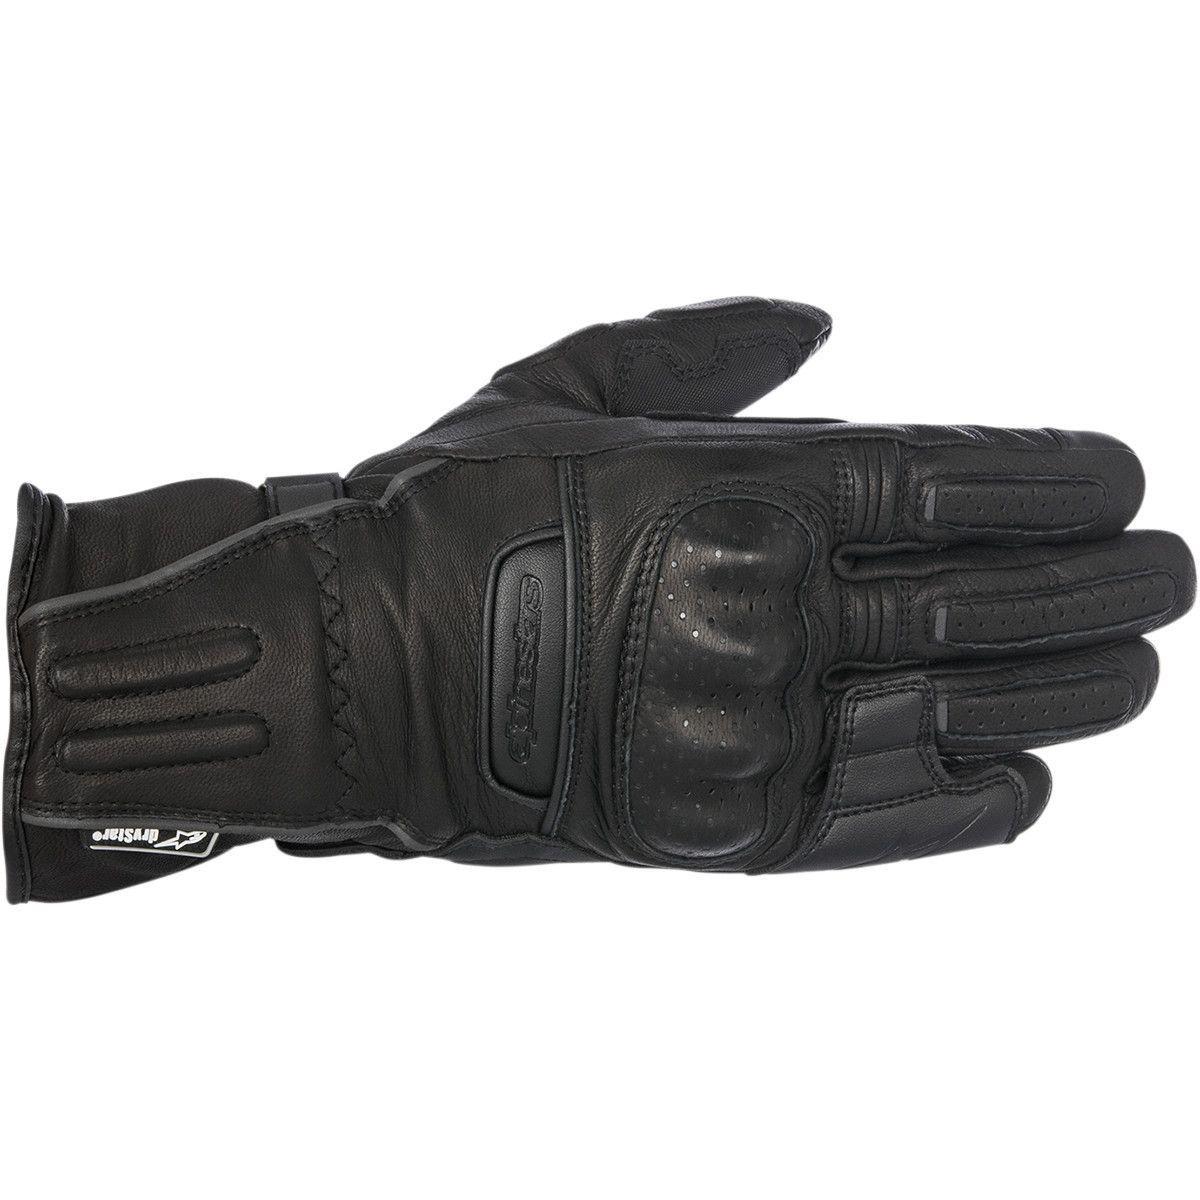 Stella M-56 Drystar Glove